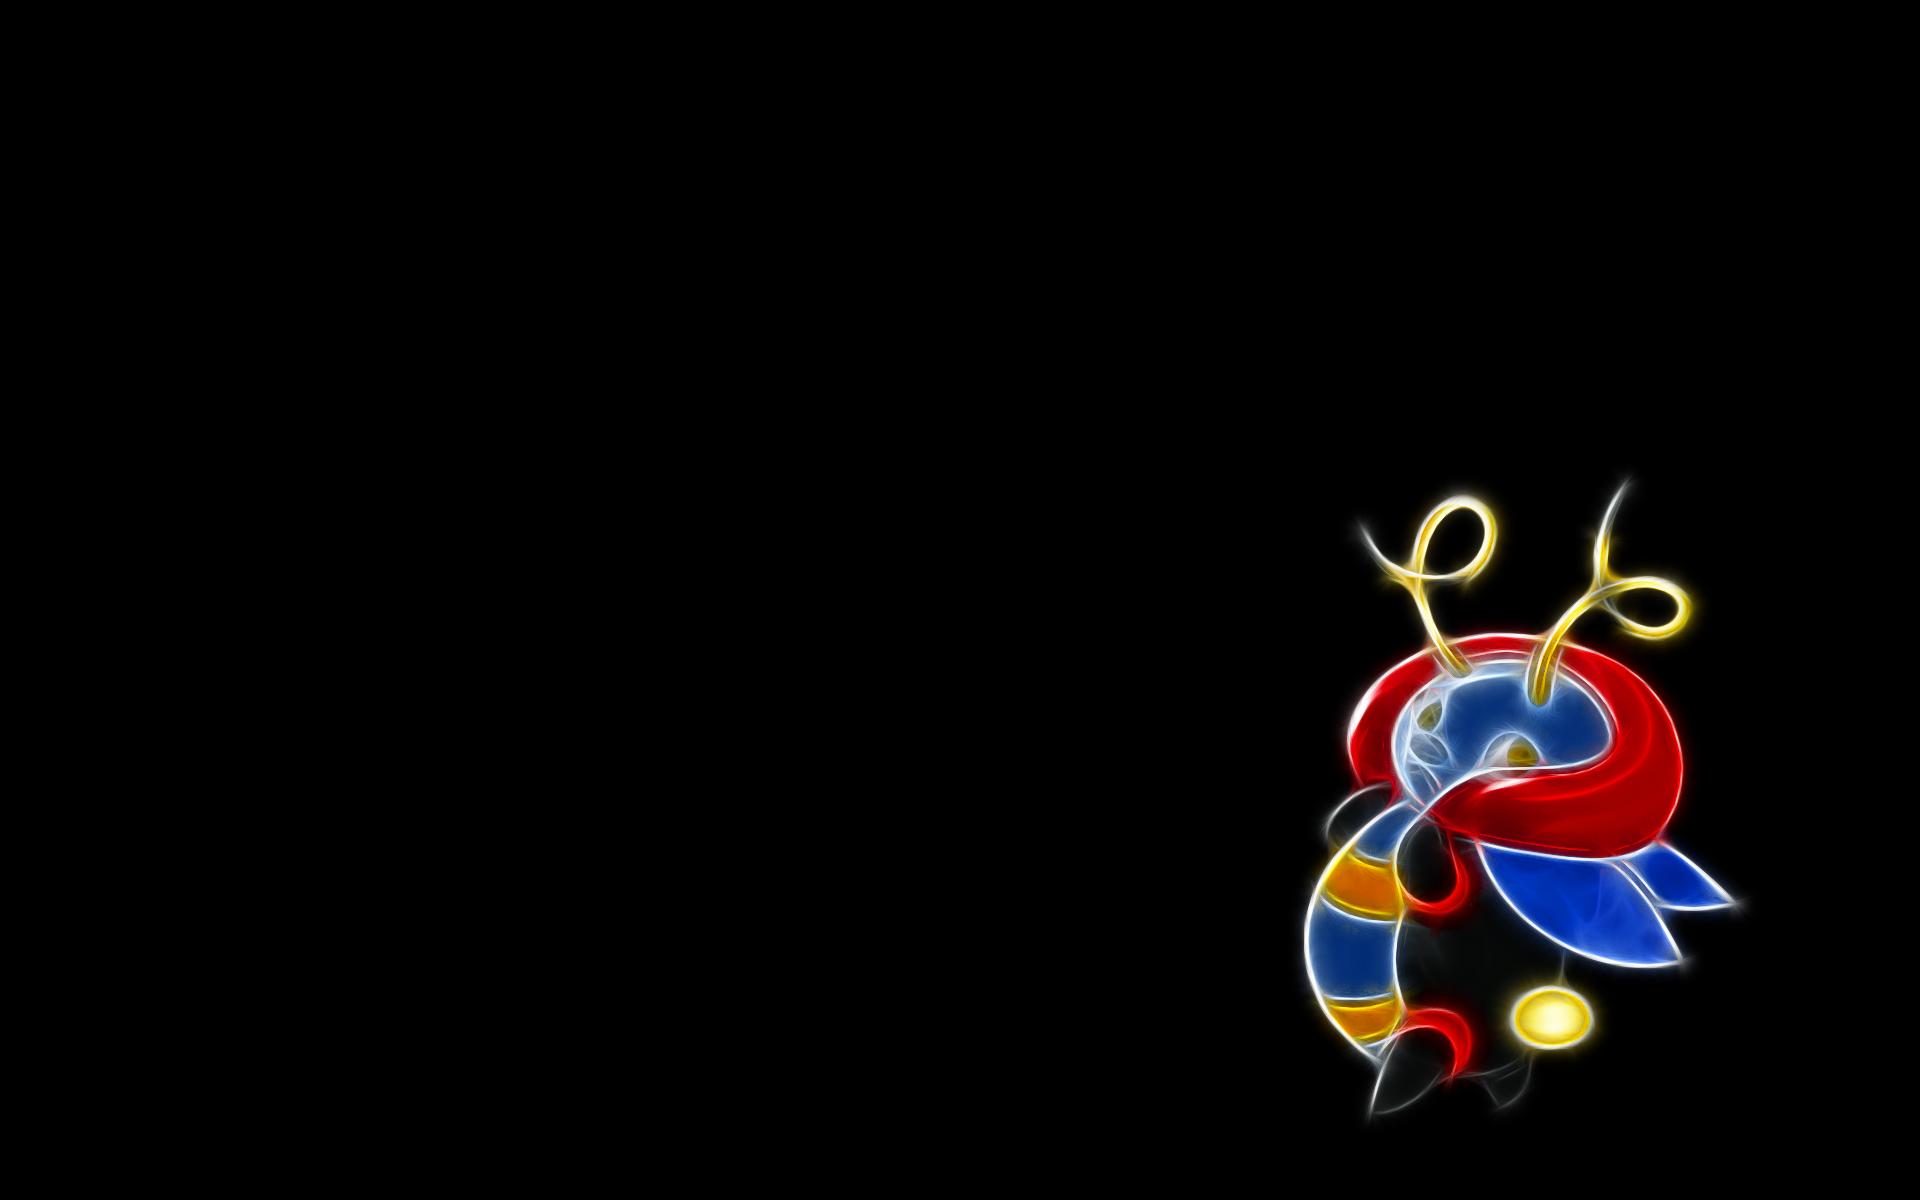 pin wallpapers pokemon fractal - photo #17